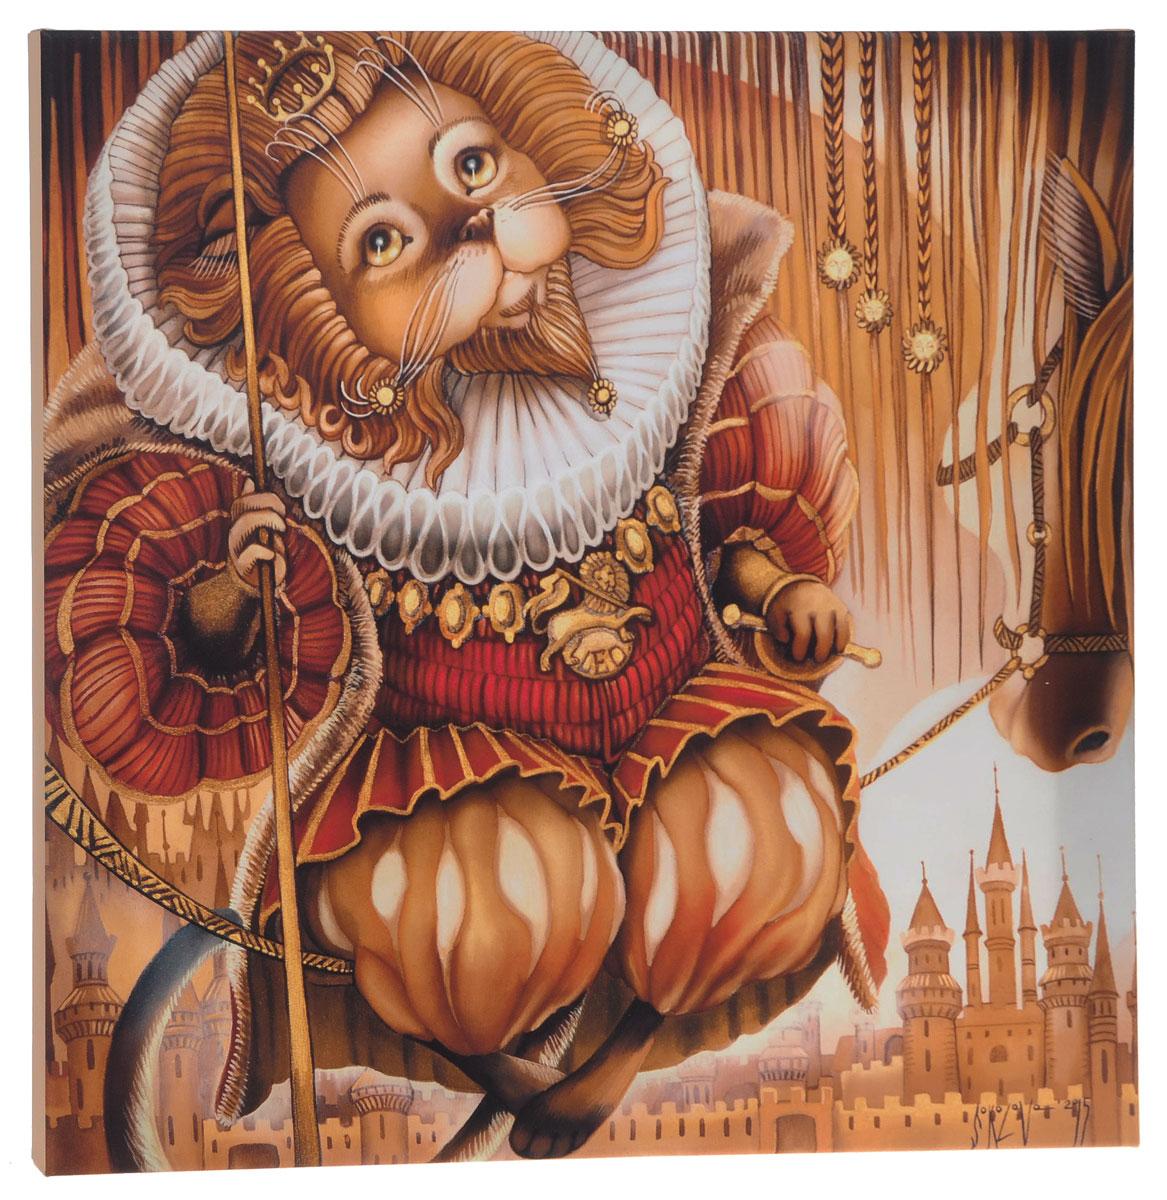 КвикДекор Картина детская Лев37440Картина КвикДекор Лев художника Надежды Соколовой дополнит обстановку интерьера яркими красками и необычным оформлением.Изделие представляет собой картину с латексной печатью на натуральном хлопчатобумажном холсте. Галерейная натяжка на деревянный подрамник выполнена очень аккуратно, а боковые части картины запечатаны тоновой заливкой. Обратная сторона подрамника содержит отверстие, благодаря которому картину можно легко закрепить на стене и подкорректировать ее положение.Художник картины Надежда Соколова родилась в 1973 году в городе Дрездене. В 1986-90 годах училась в Художественной школе города Новгорода. В 1995 году окончила с отличием рекламное отделение Новгородского училища культуры. В 2000 году защитила диплом на факультете Искусств и Технологий НовГУ имени Ярослава Мудрого. Выставляется с 1996 года. Работает в техниках: живопись, графика, батик, лаковая миниатюра, авторская кукла. Является автором оригинального стиля в миниатюре. Картина Лев отлично подойдет к интерьеру не только детской комнаты, но и гостиной.